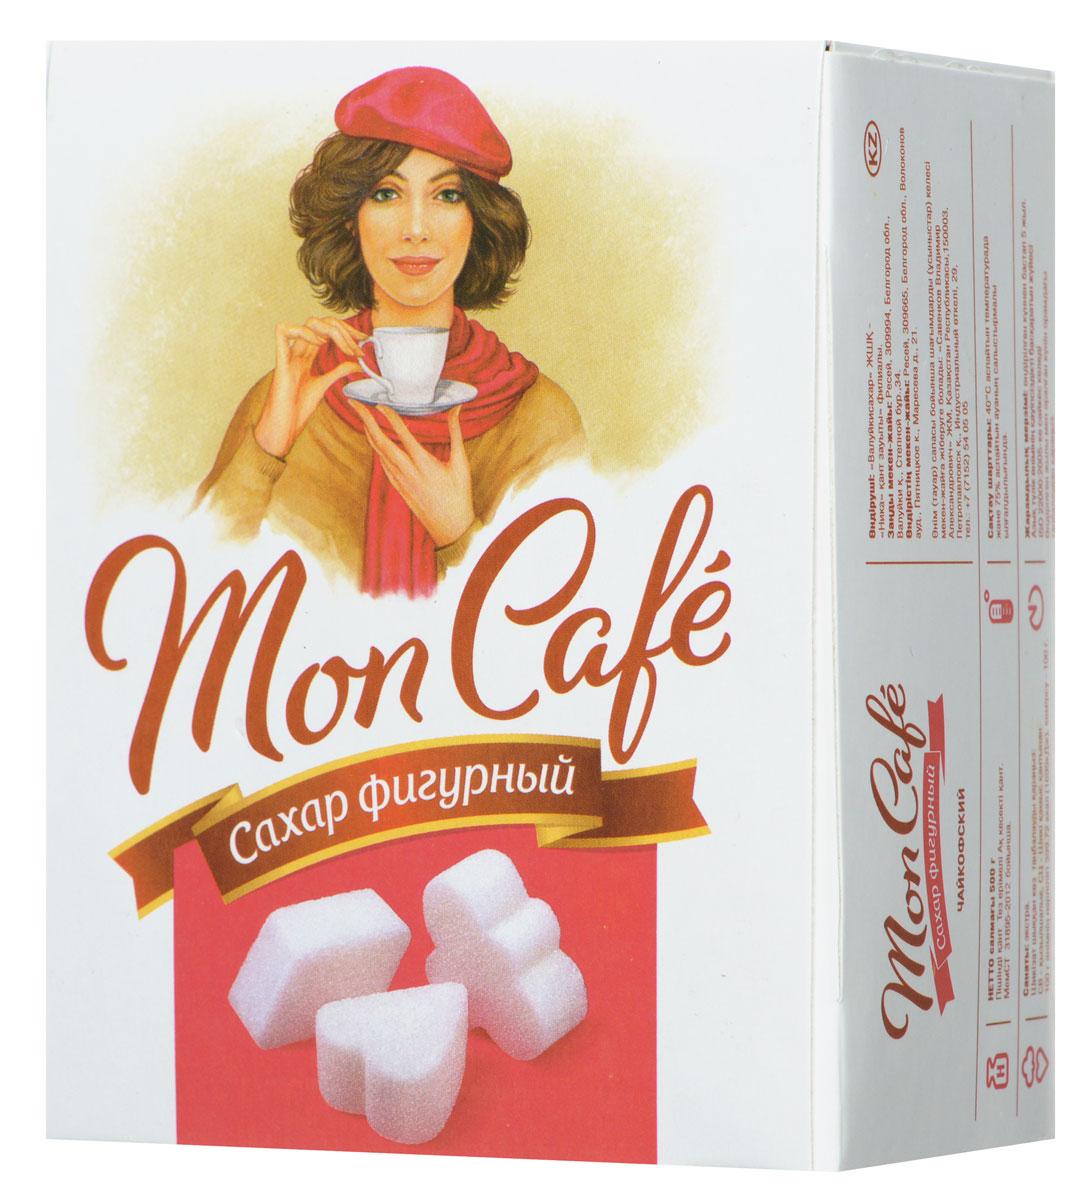 Чайкофский Mon Cafe сахар-рафинад фигурный, 500 г81043Чайкофский Mon Cafe - быстрорастворимый фигурный сахар-рафинад, изготовленный из качественного сырья - сахарной свеклы. Отлично подойдет для ежедневного употребления с различными напитками.